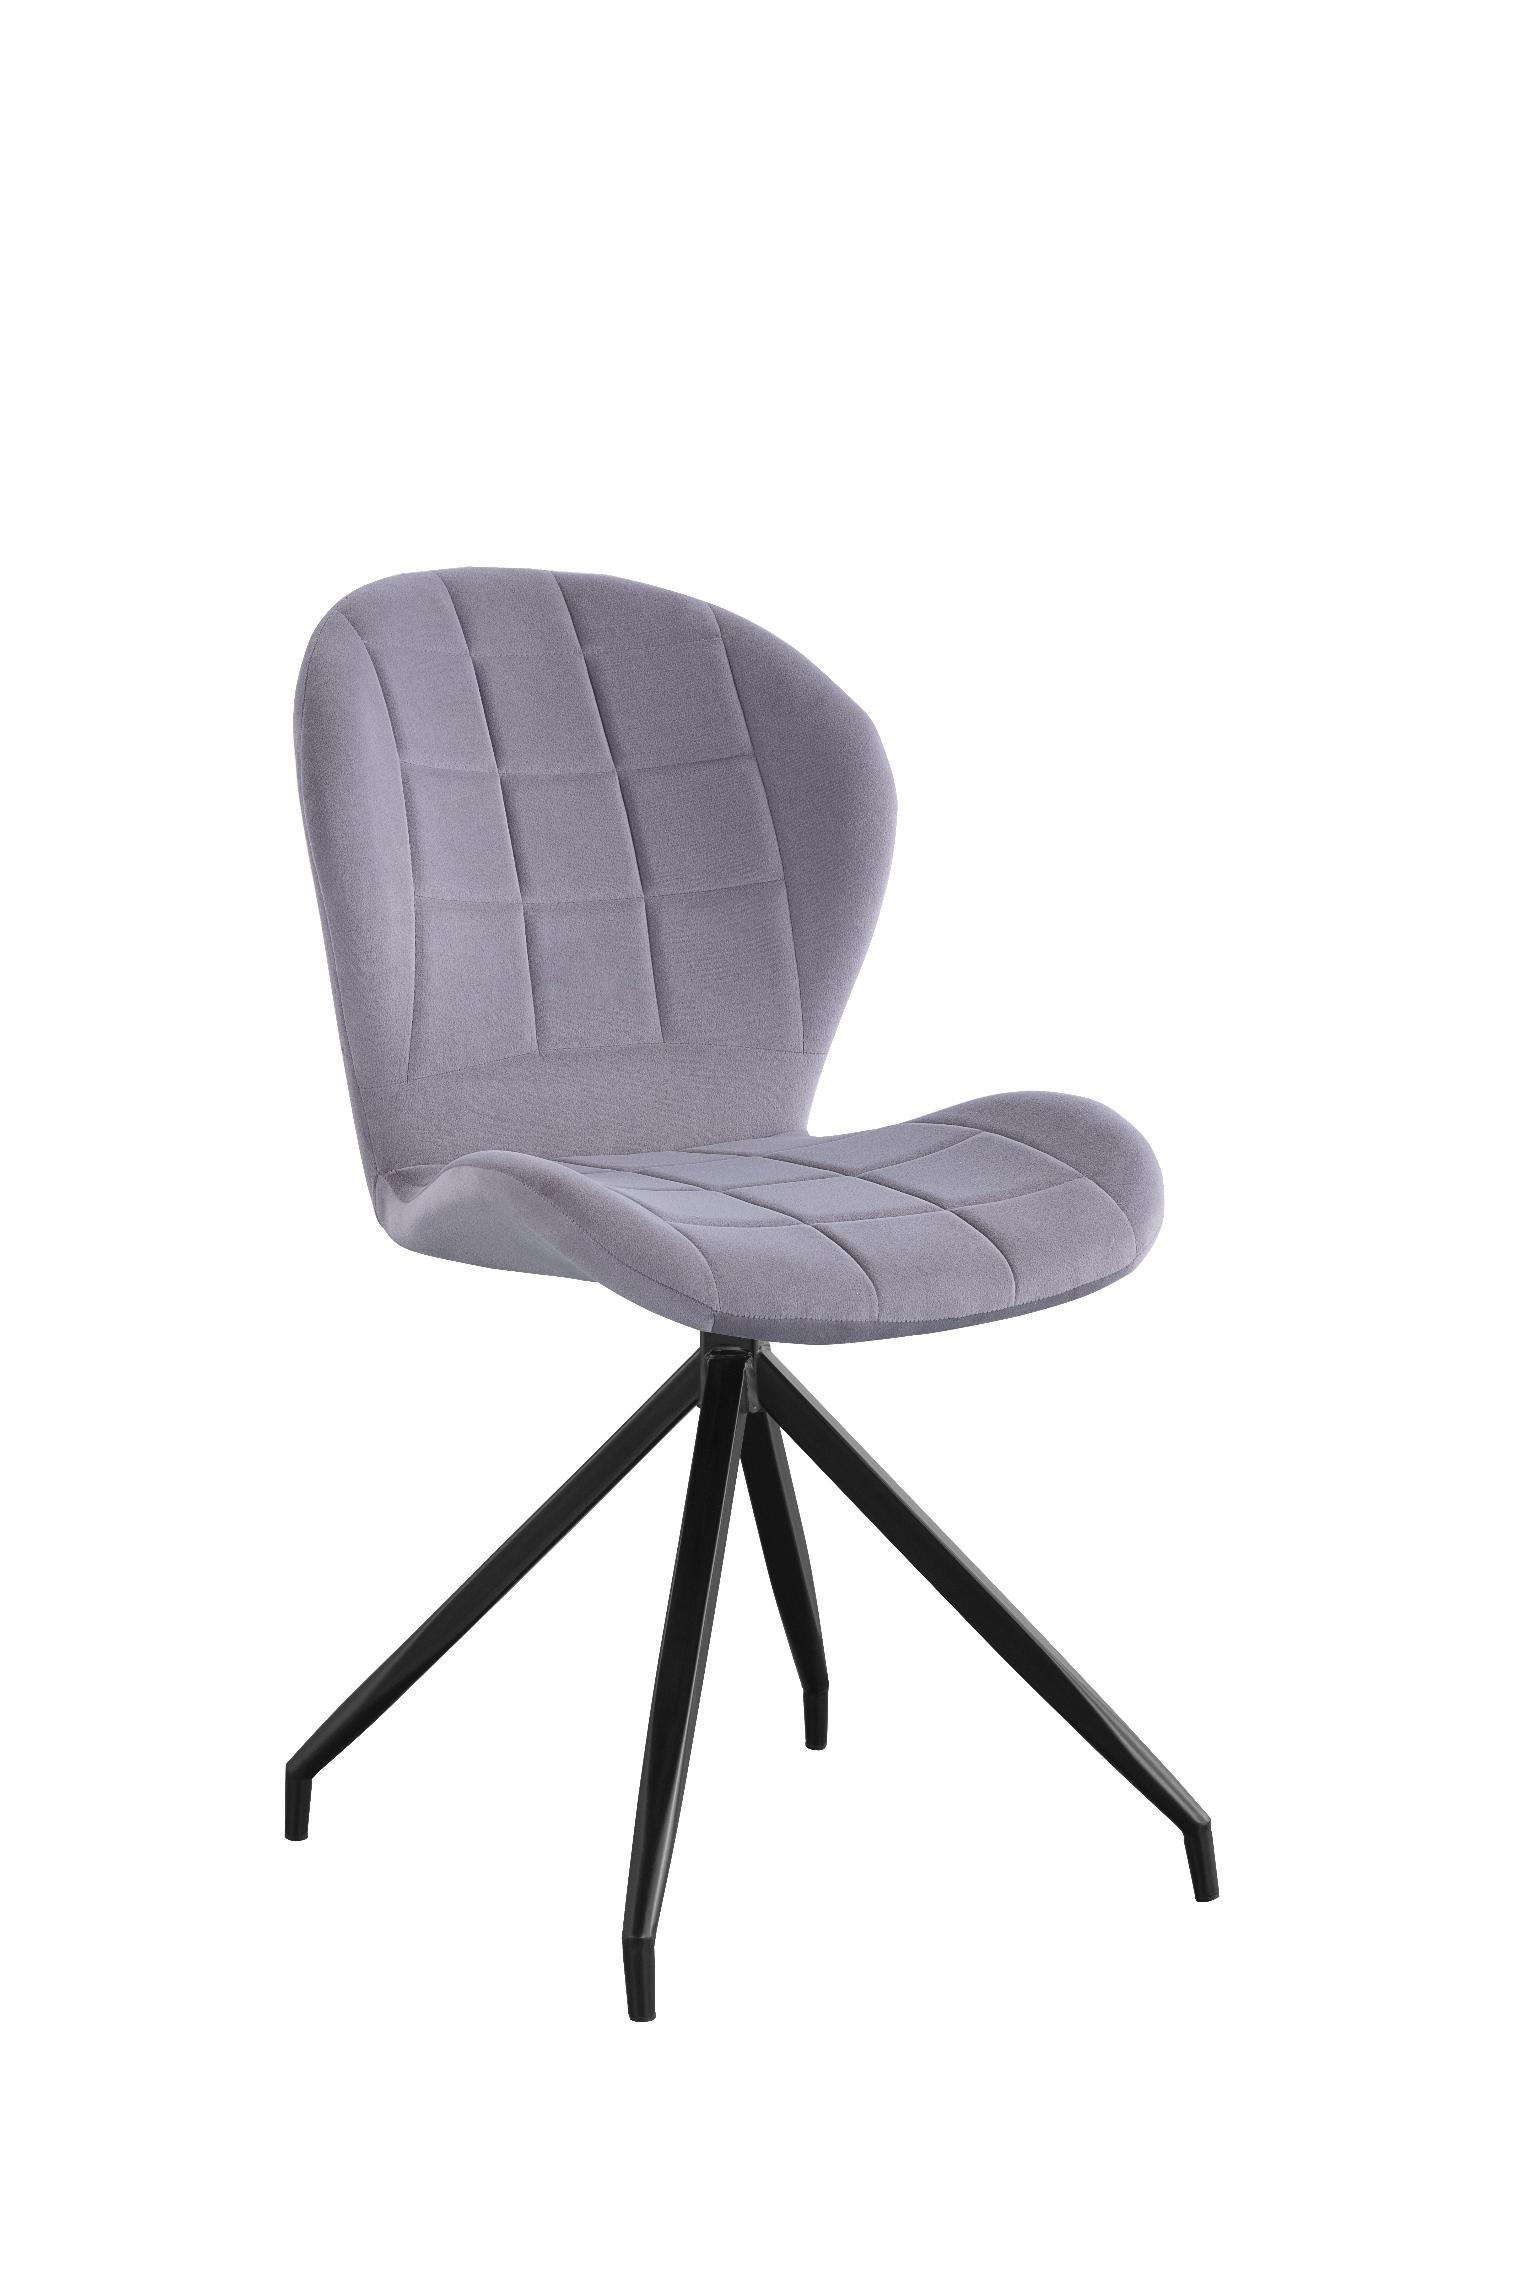 D&N Furniture Array image9